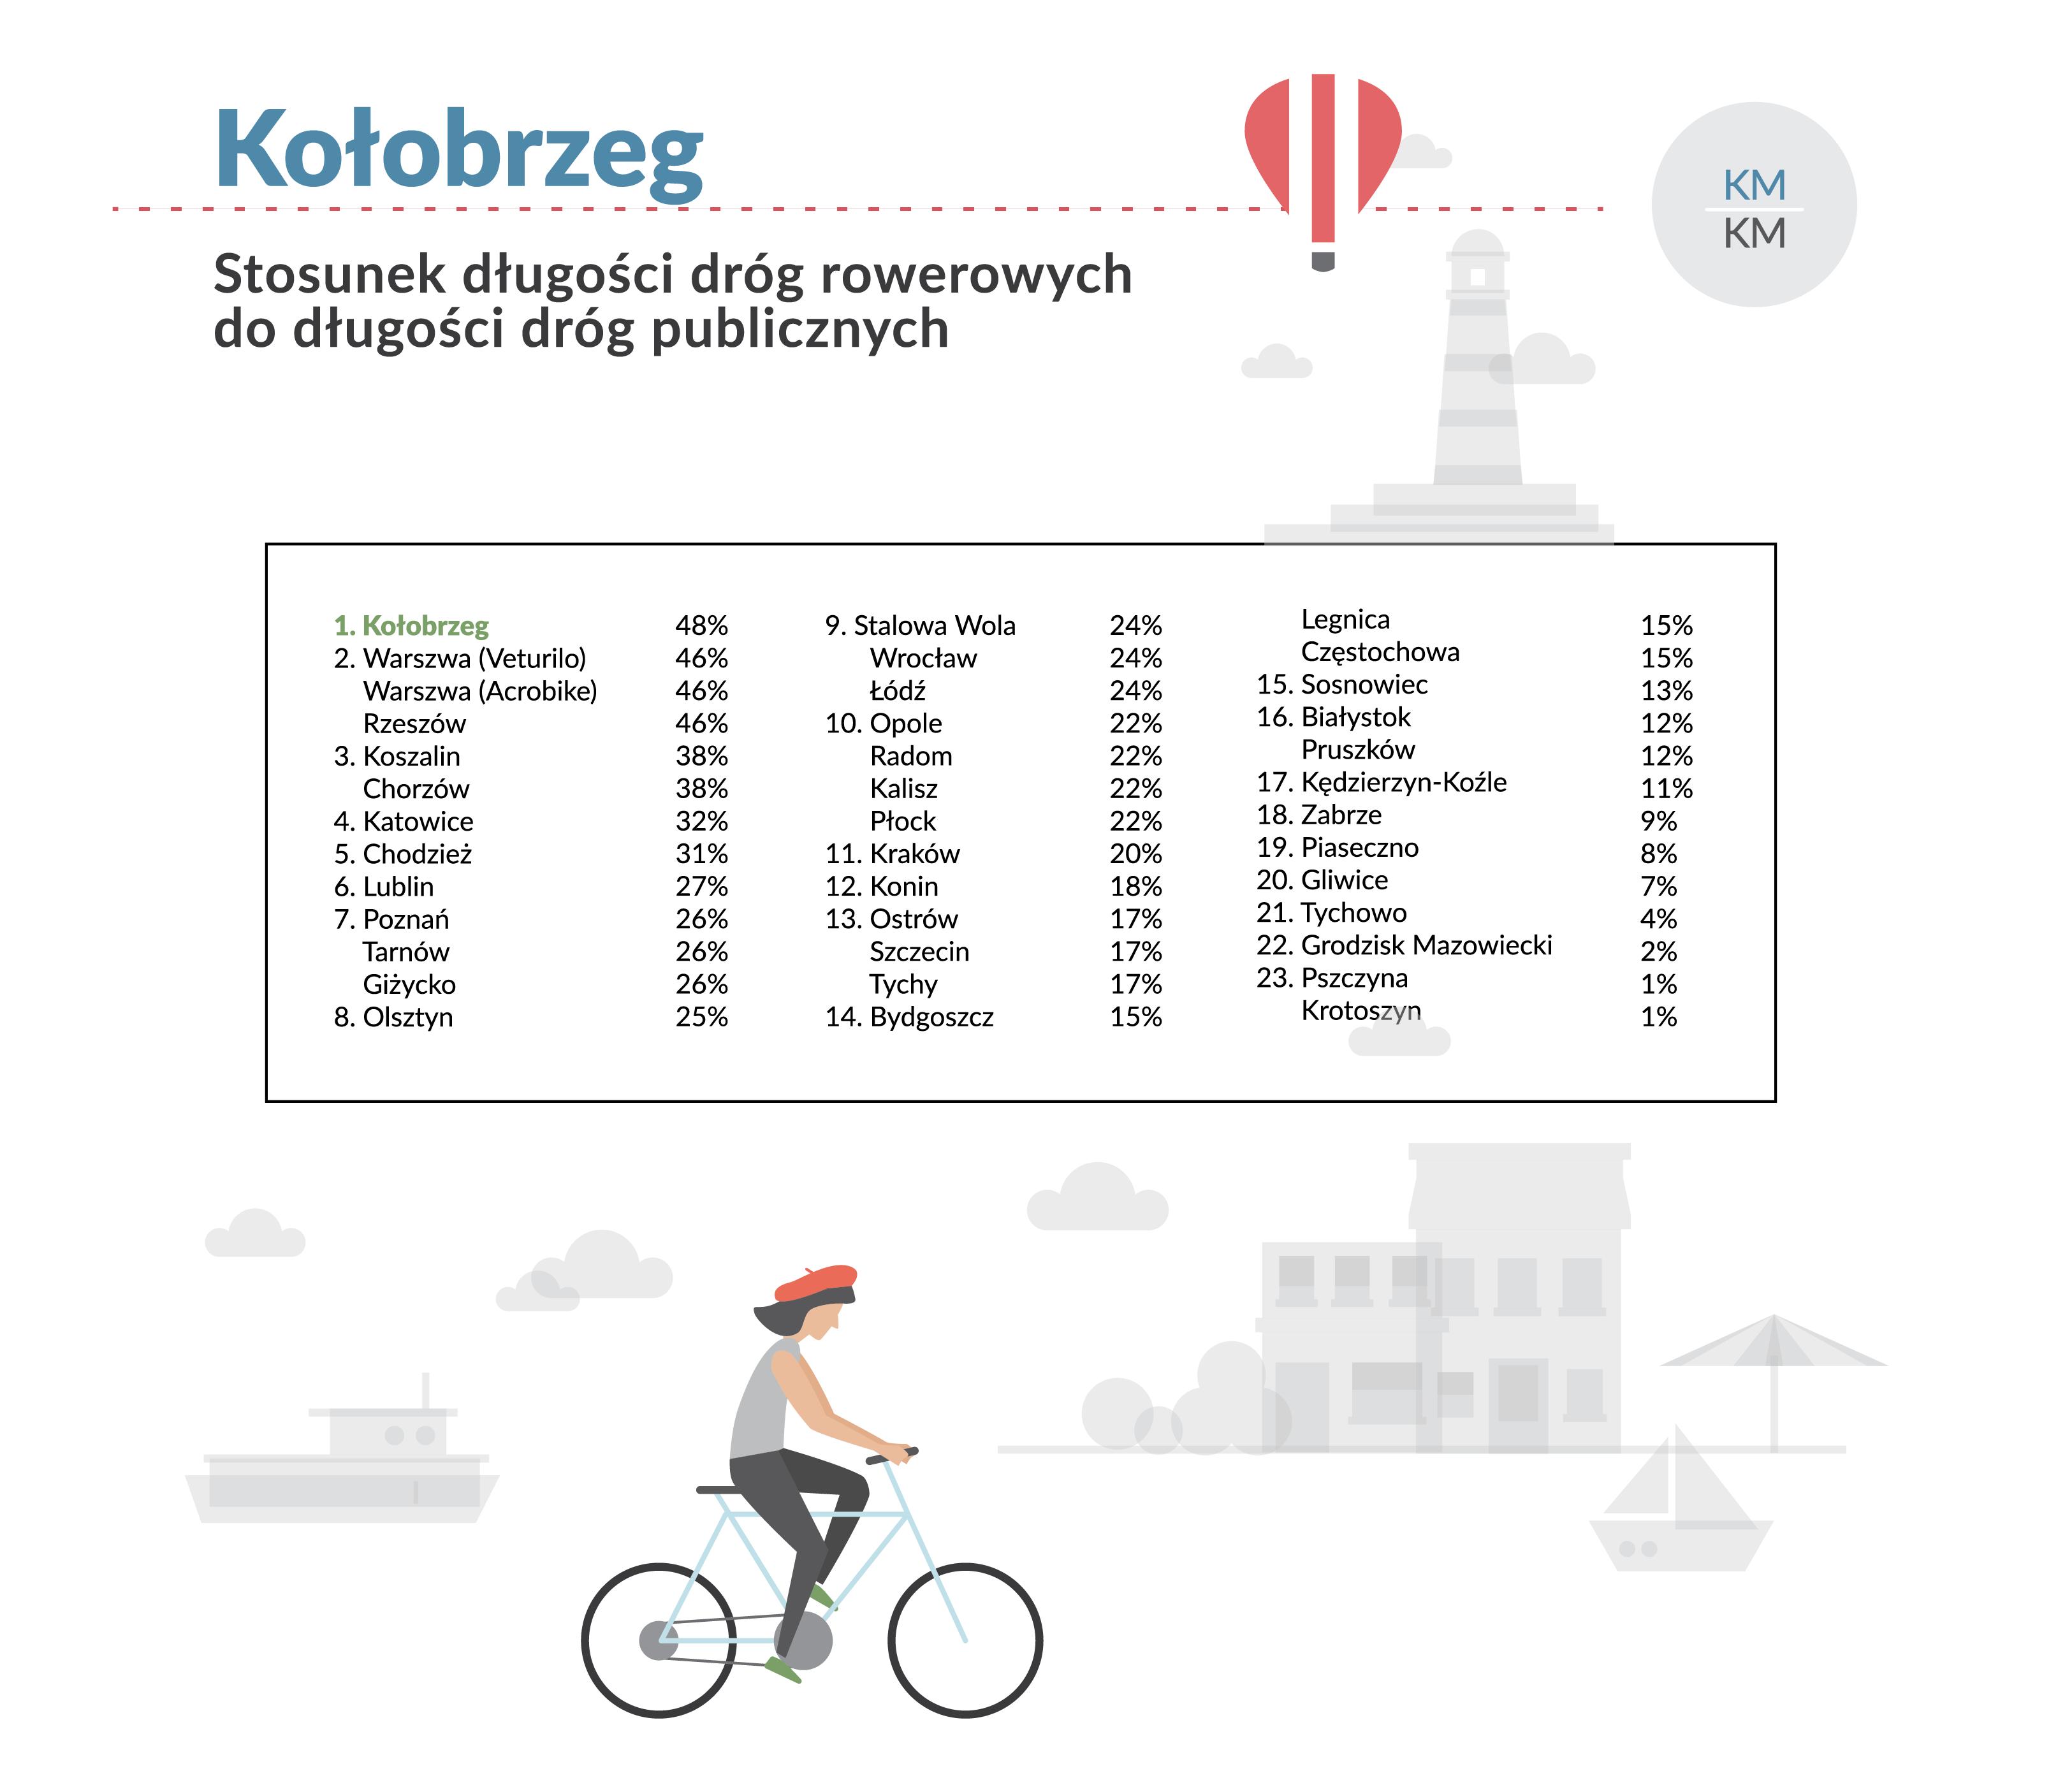 rower2 - Kołobrzeg drugim miastem w kraju gdzie rower miejski cieszy się największą popularnością. Wyprzedziła nas tylko Warszawa